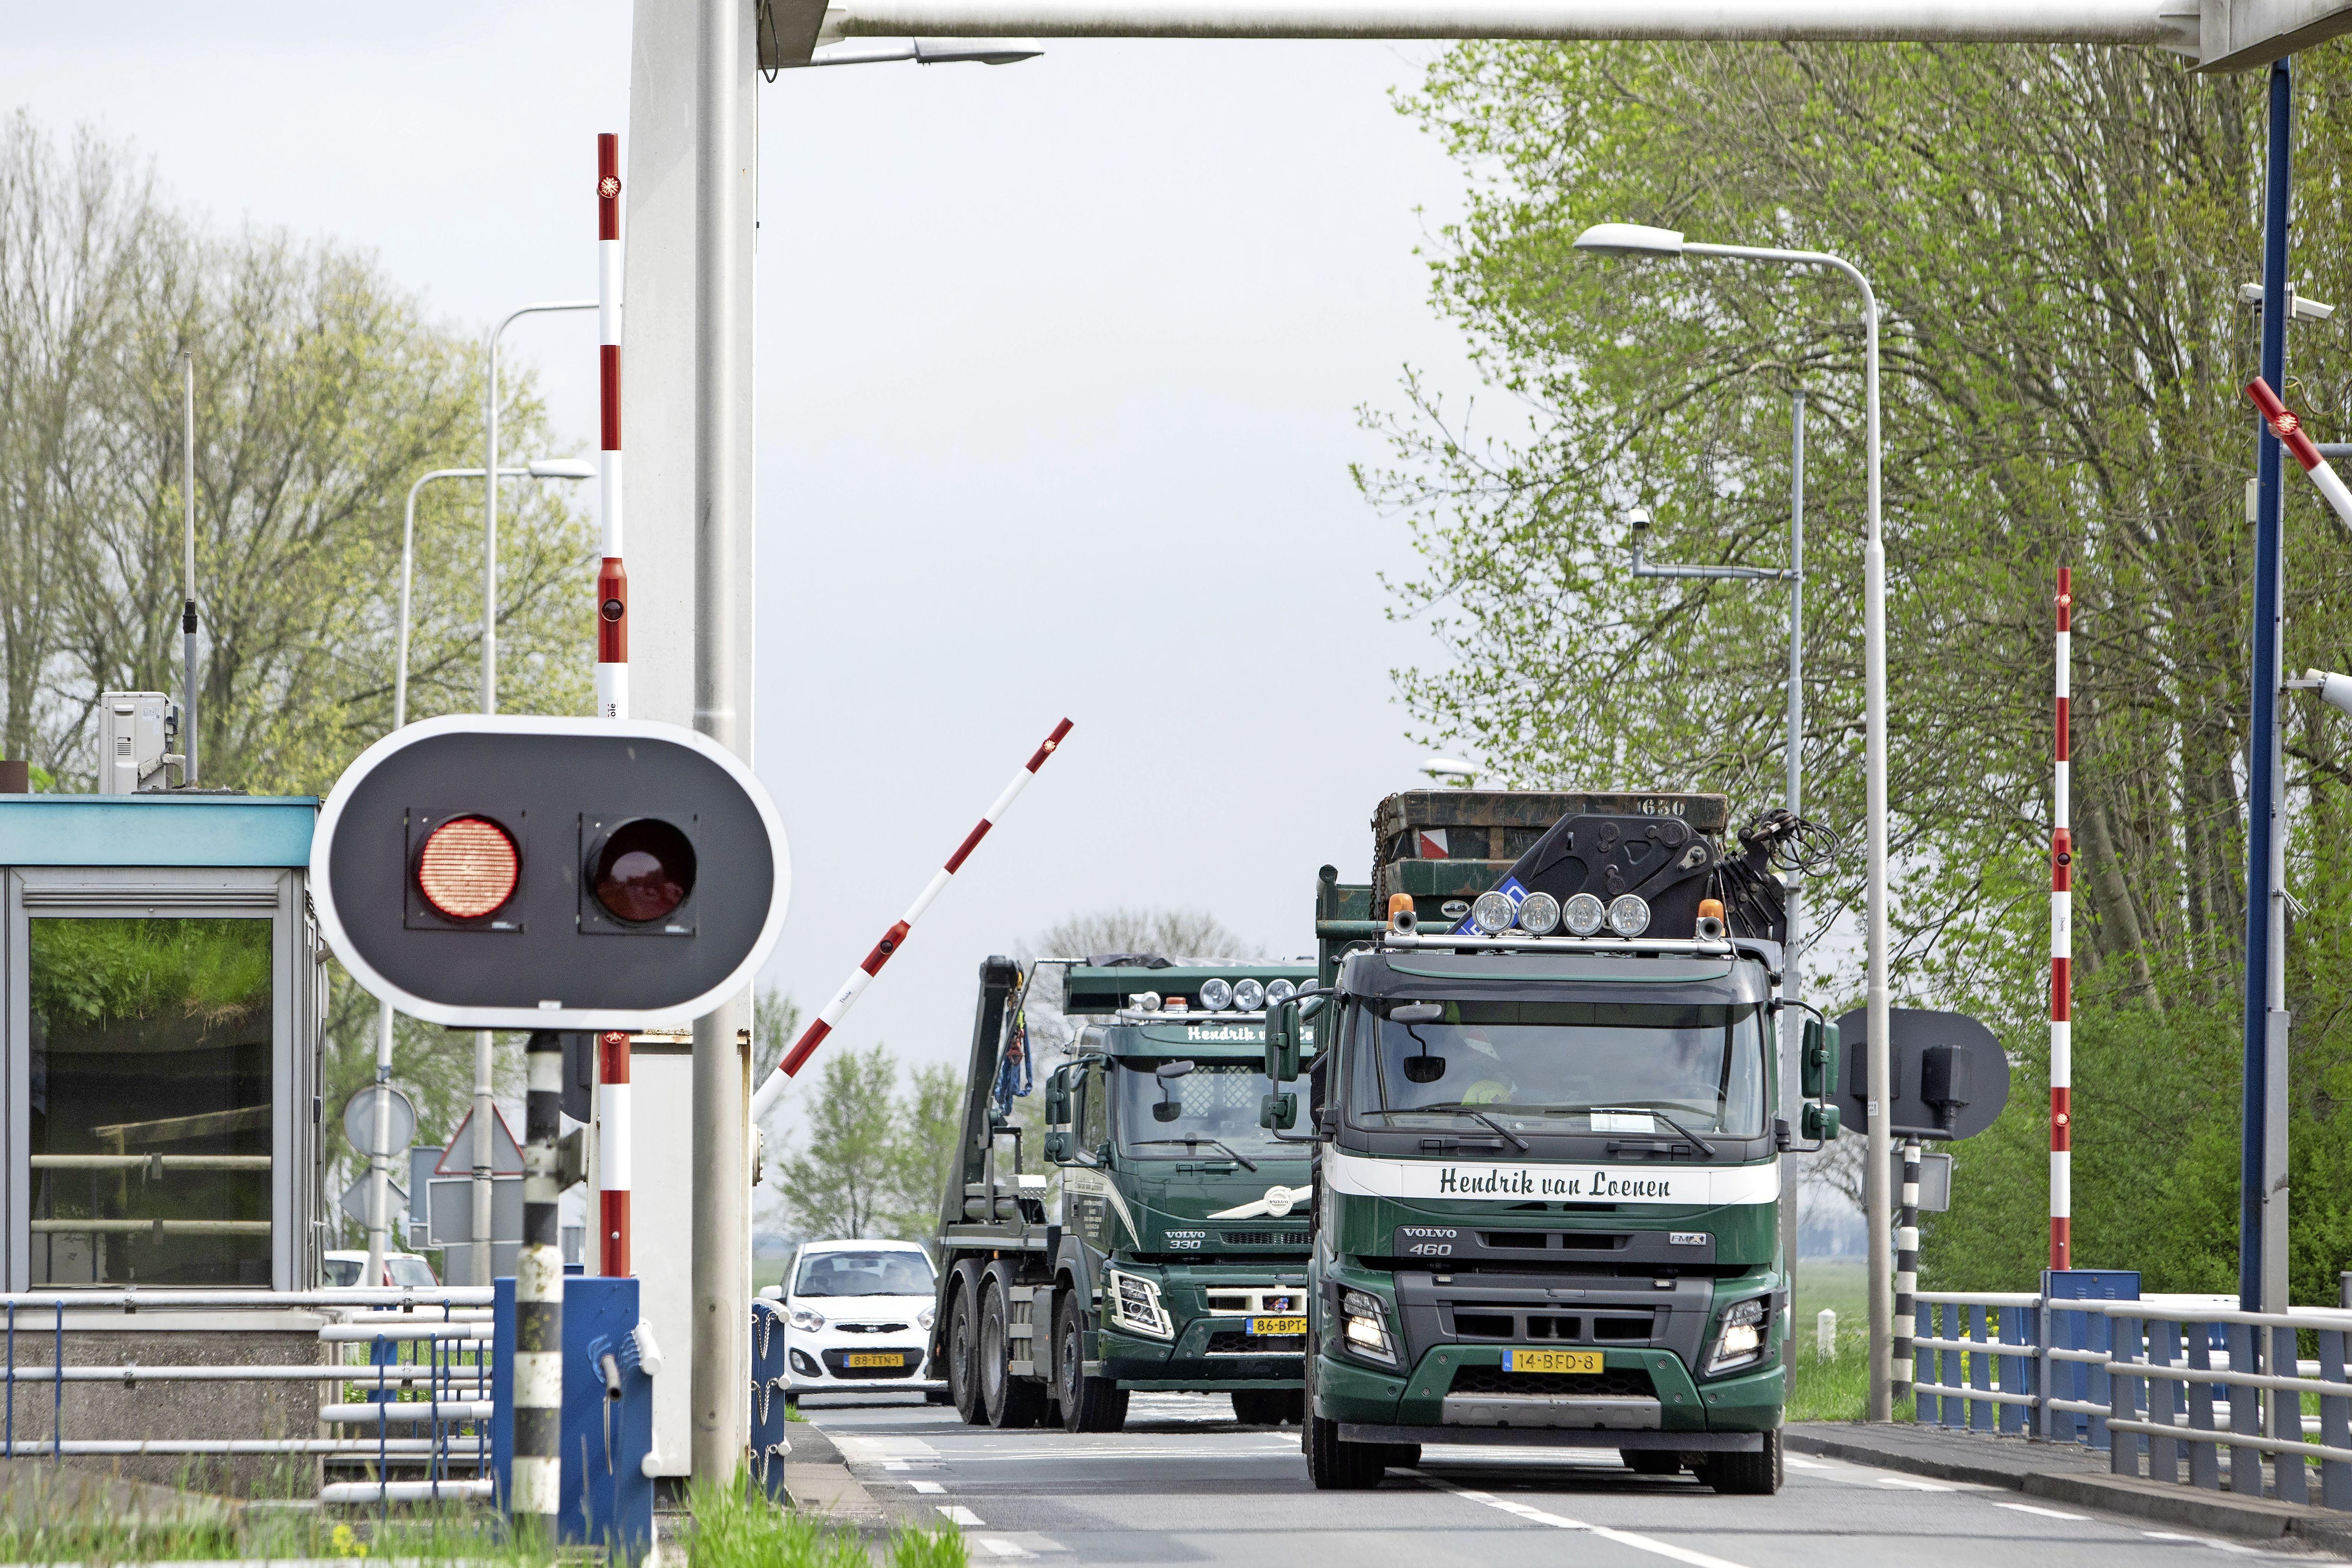 Brug over de Eem bij Baarn hapert deze week voor de zoveelste keer, lokale politiek wil actie